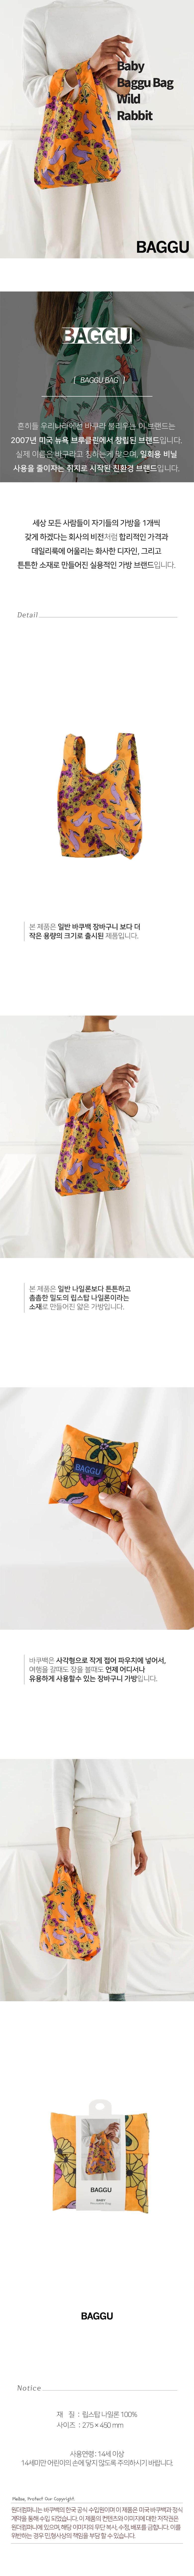 [바쿠백] 소형 베이비 에코백 장바구니 Wild Rabbit - 원더스토어, 13,000원, 캔버스/에코백, 에코백